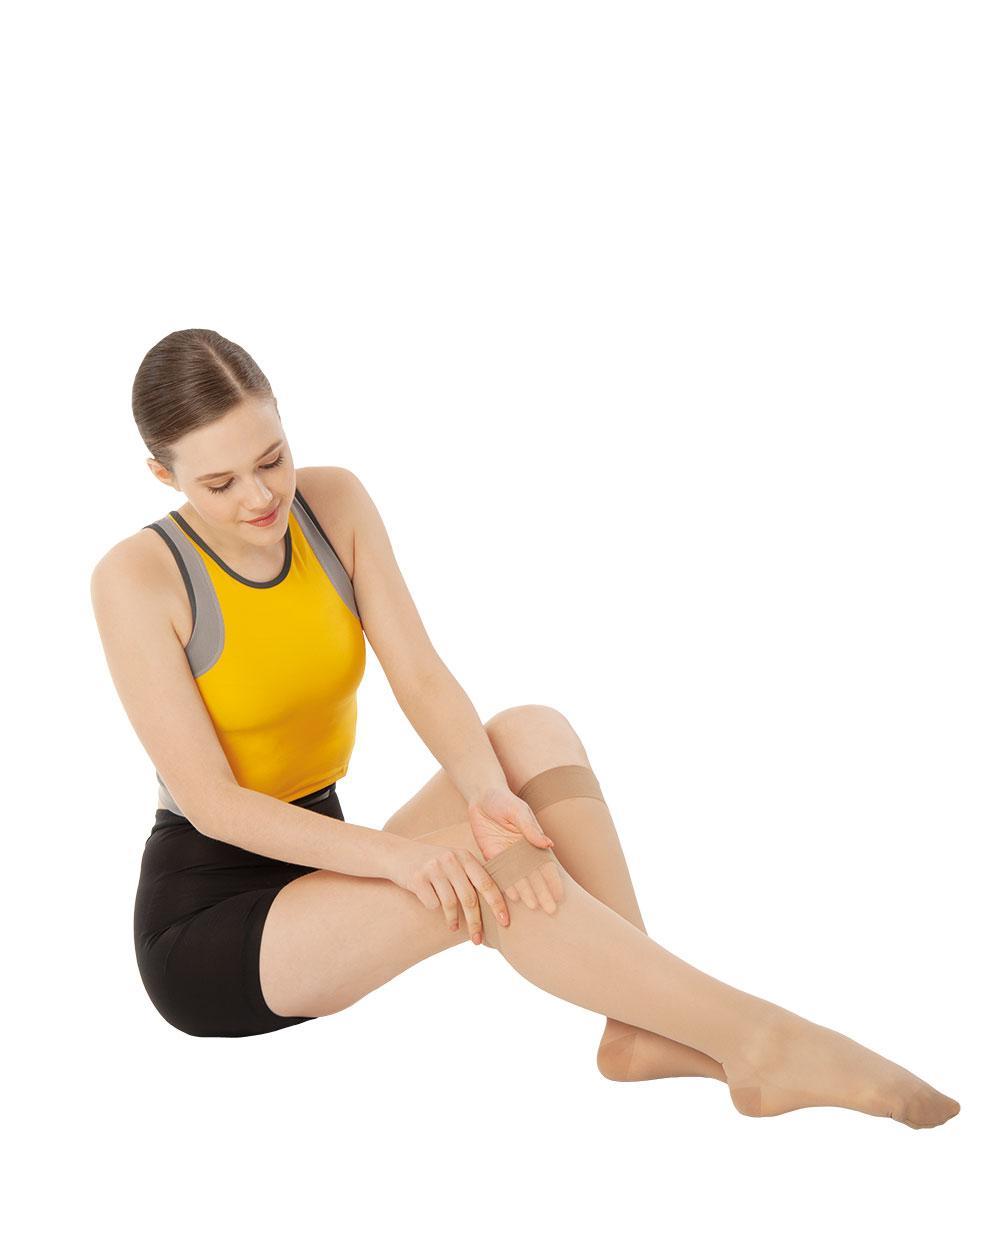 Антиварикозные чулки 1 класса компрессии Variteks короткие, до колена с закрытым носком